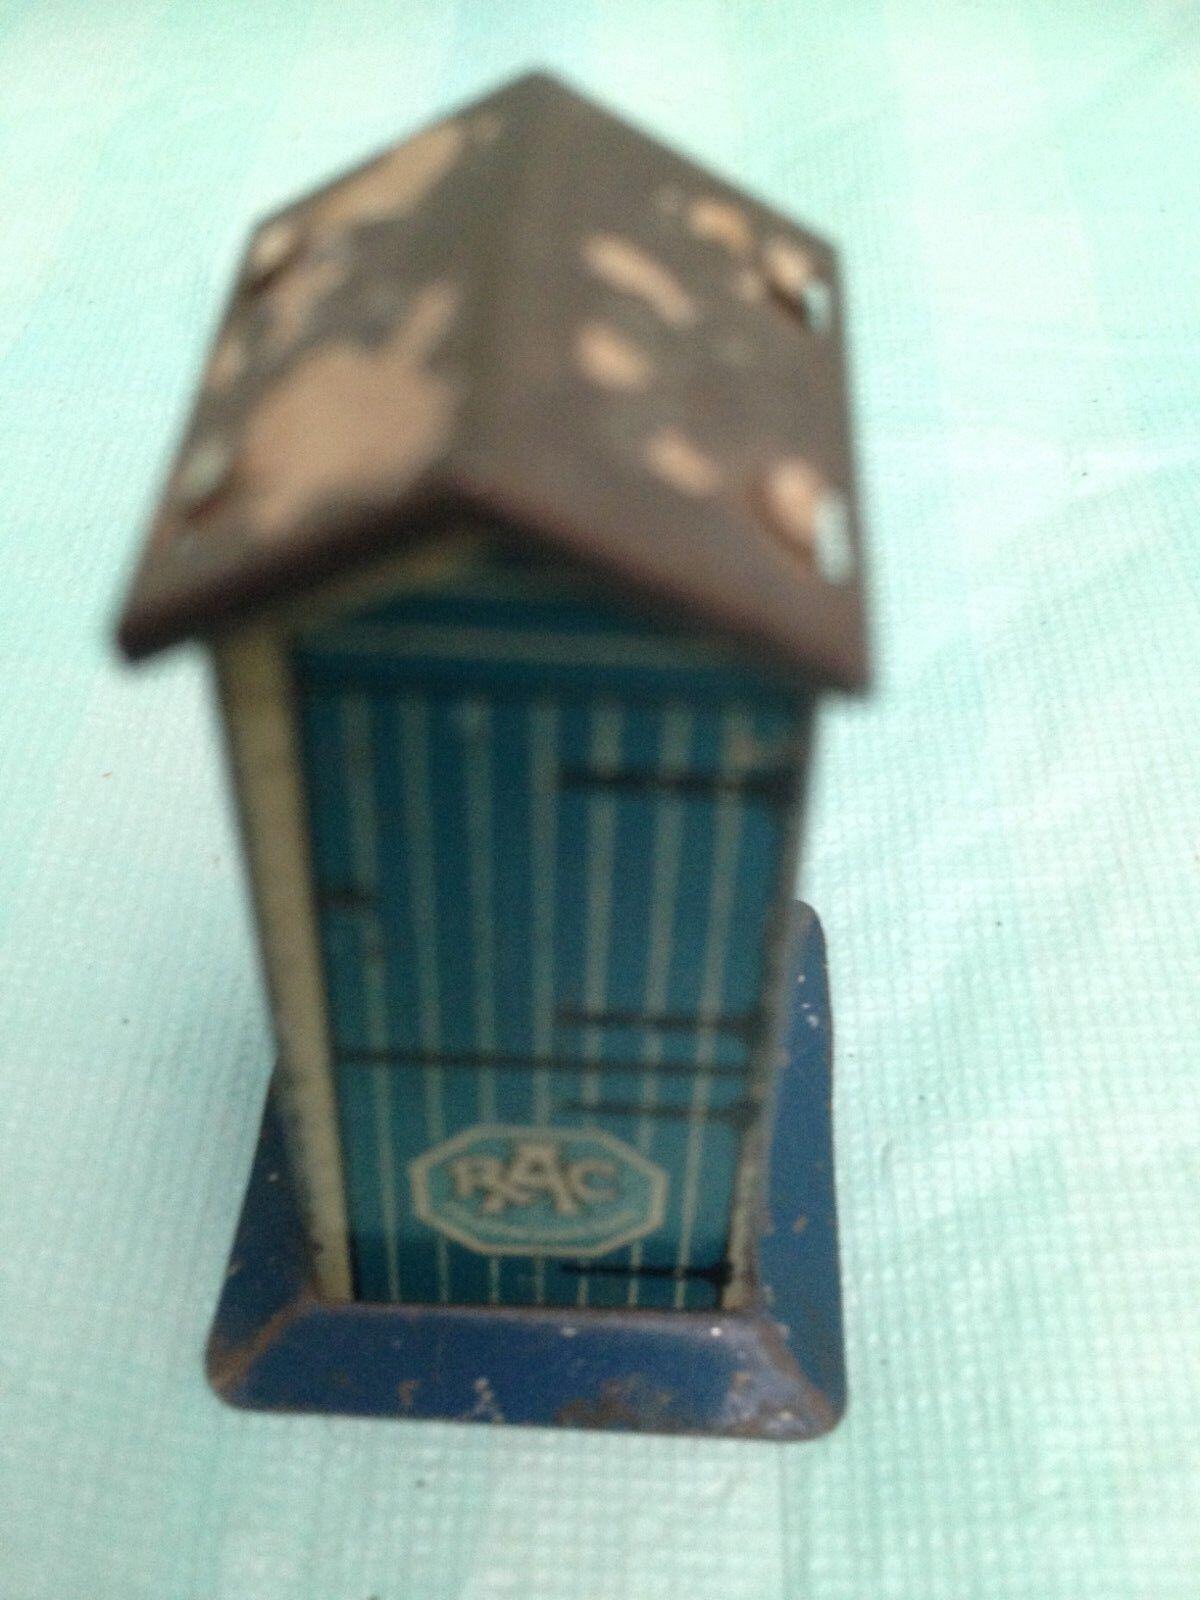 tienda de descuento Rare Vintage Dinky Accessories Tin Plate RAC Box No No No 43a  ahorra hasta un 80%